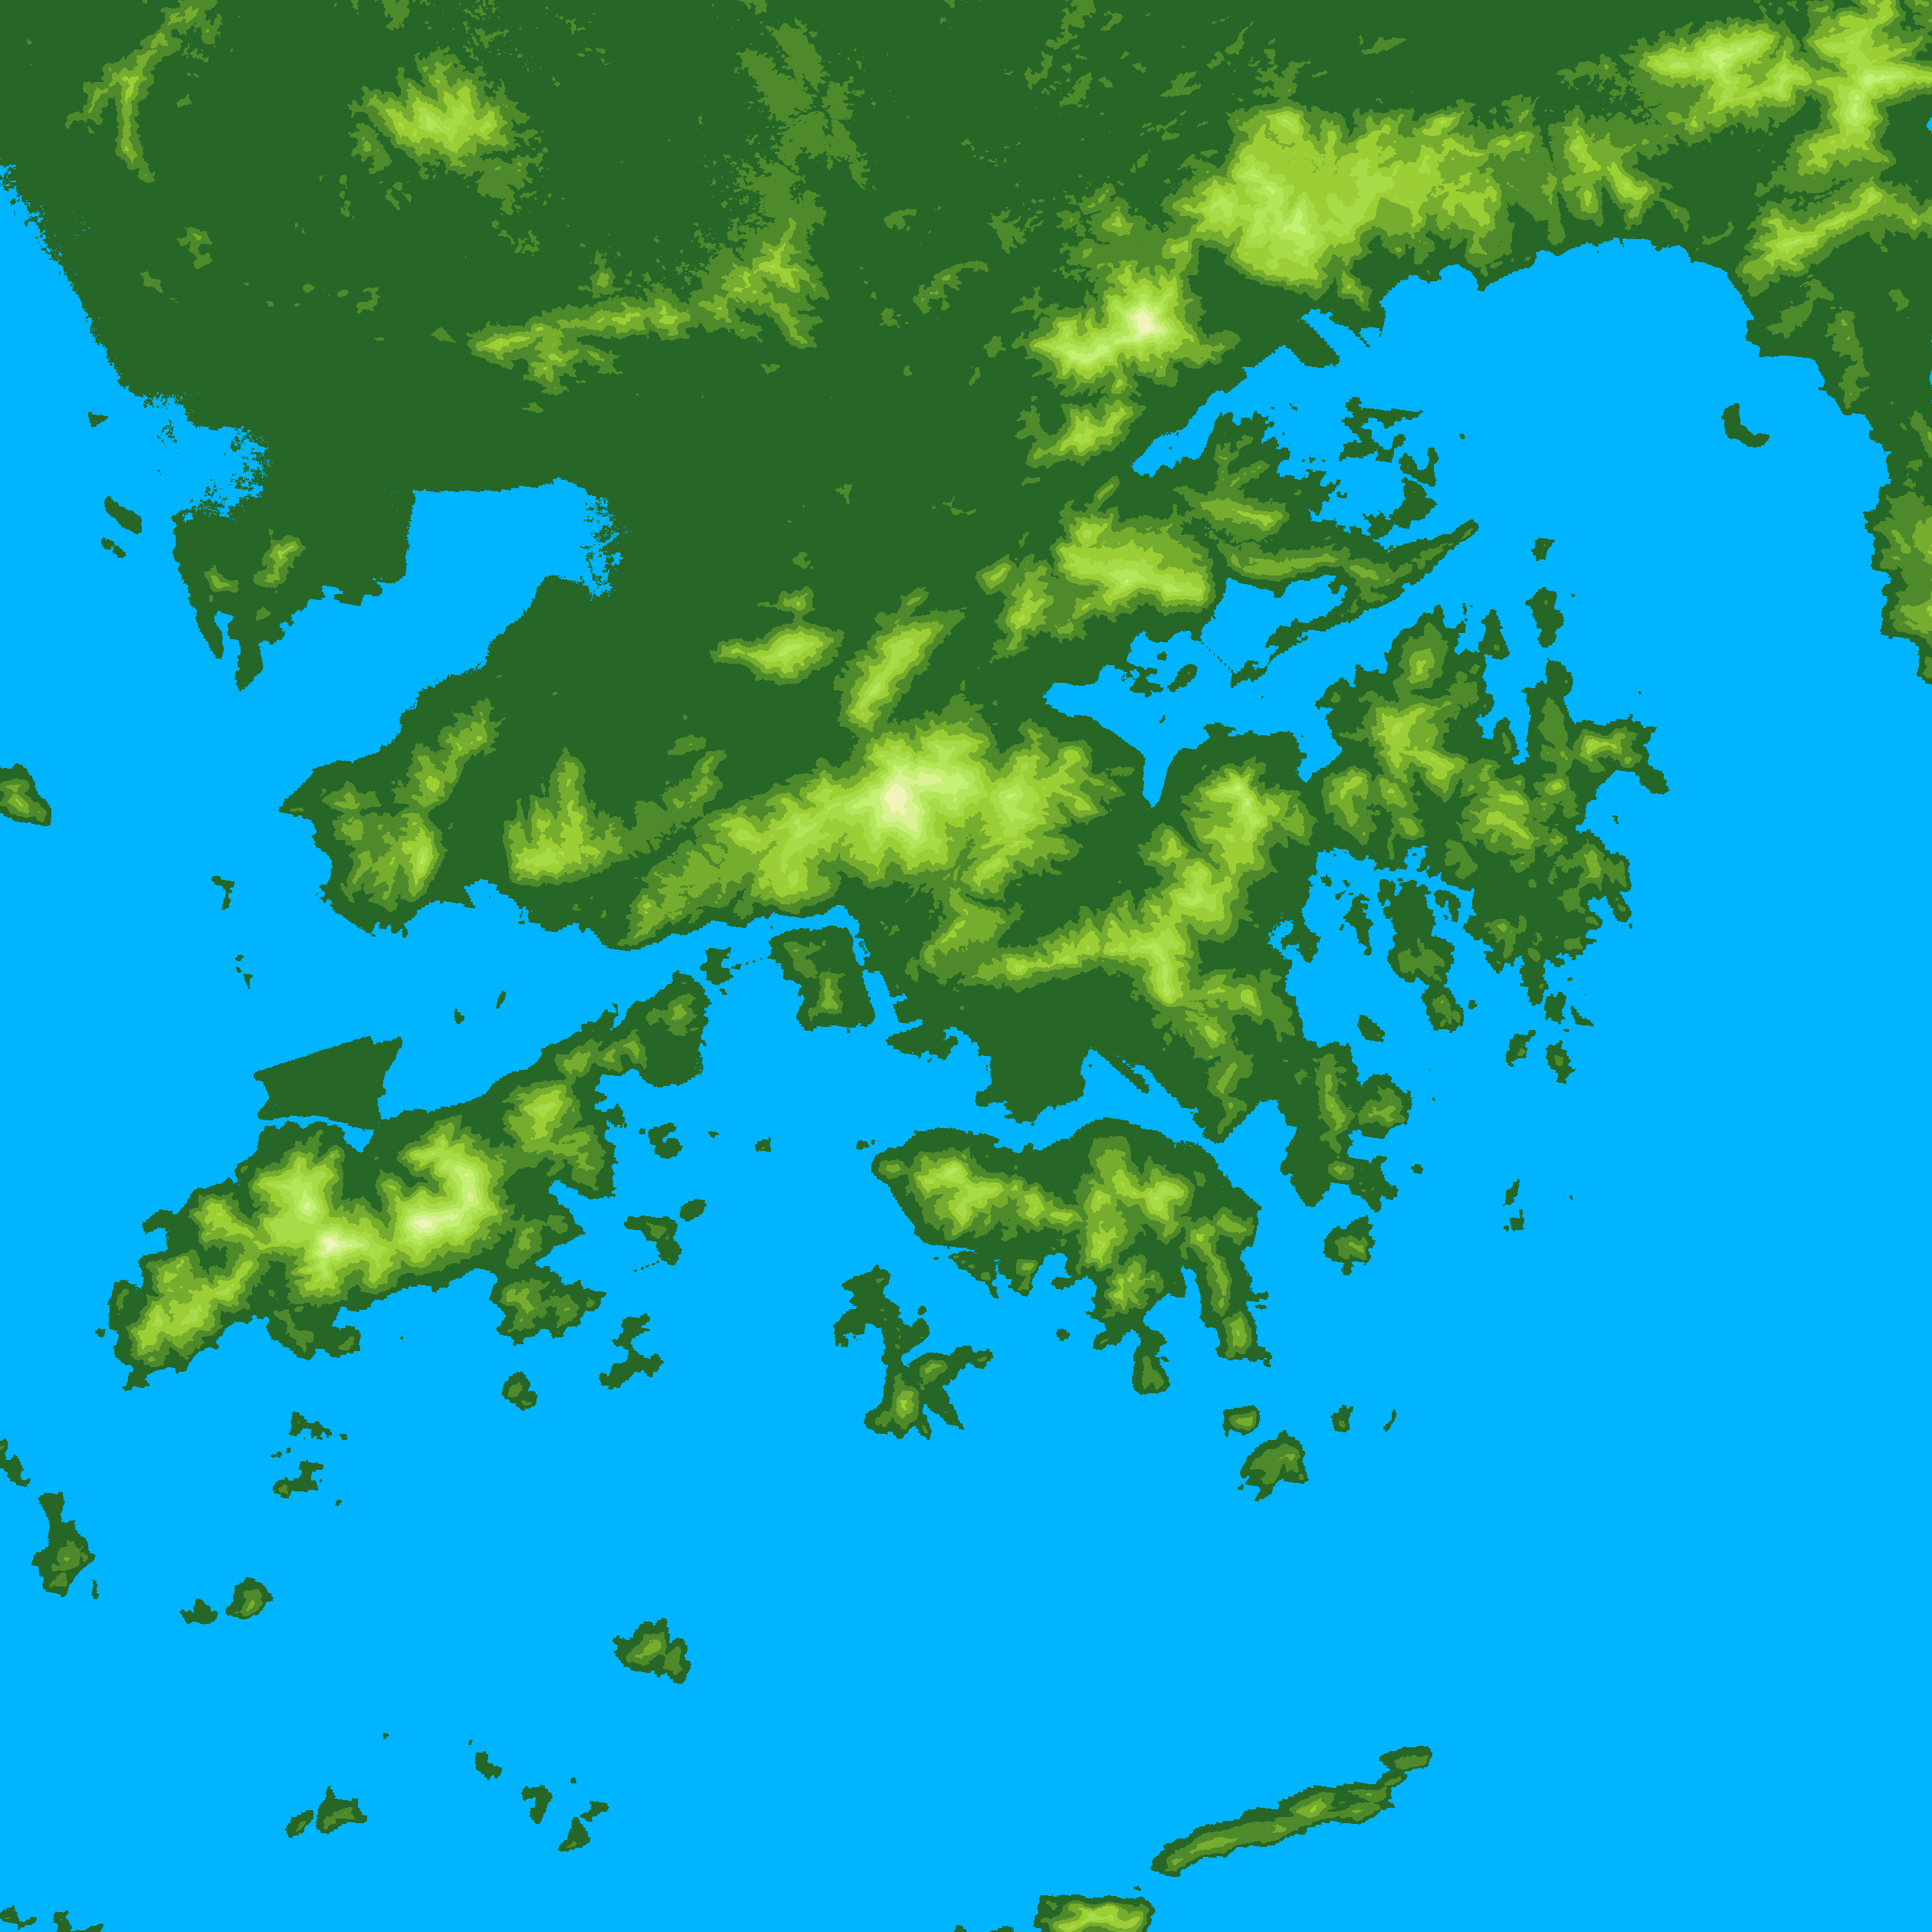 Terpng - Global terrain map